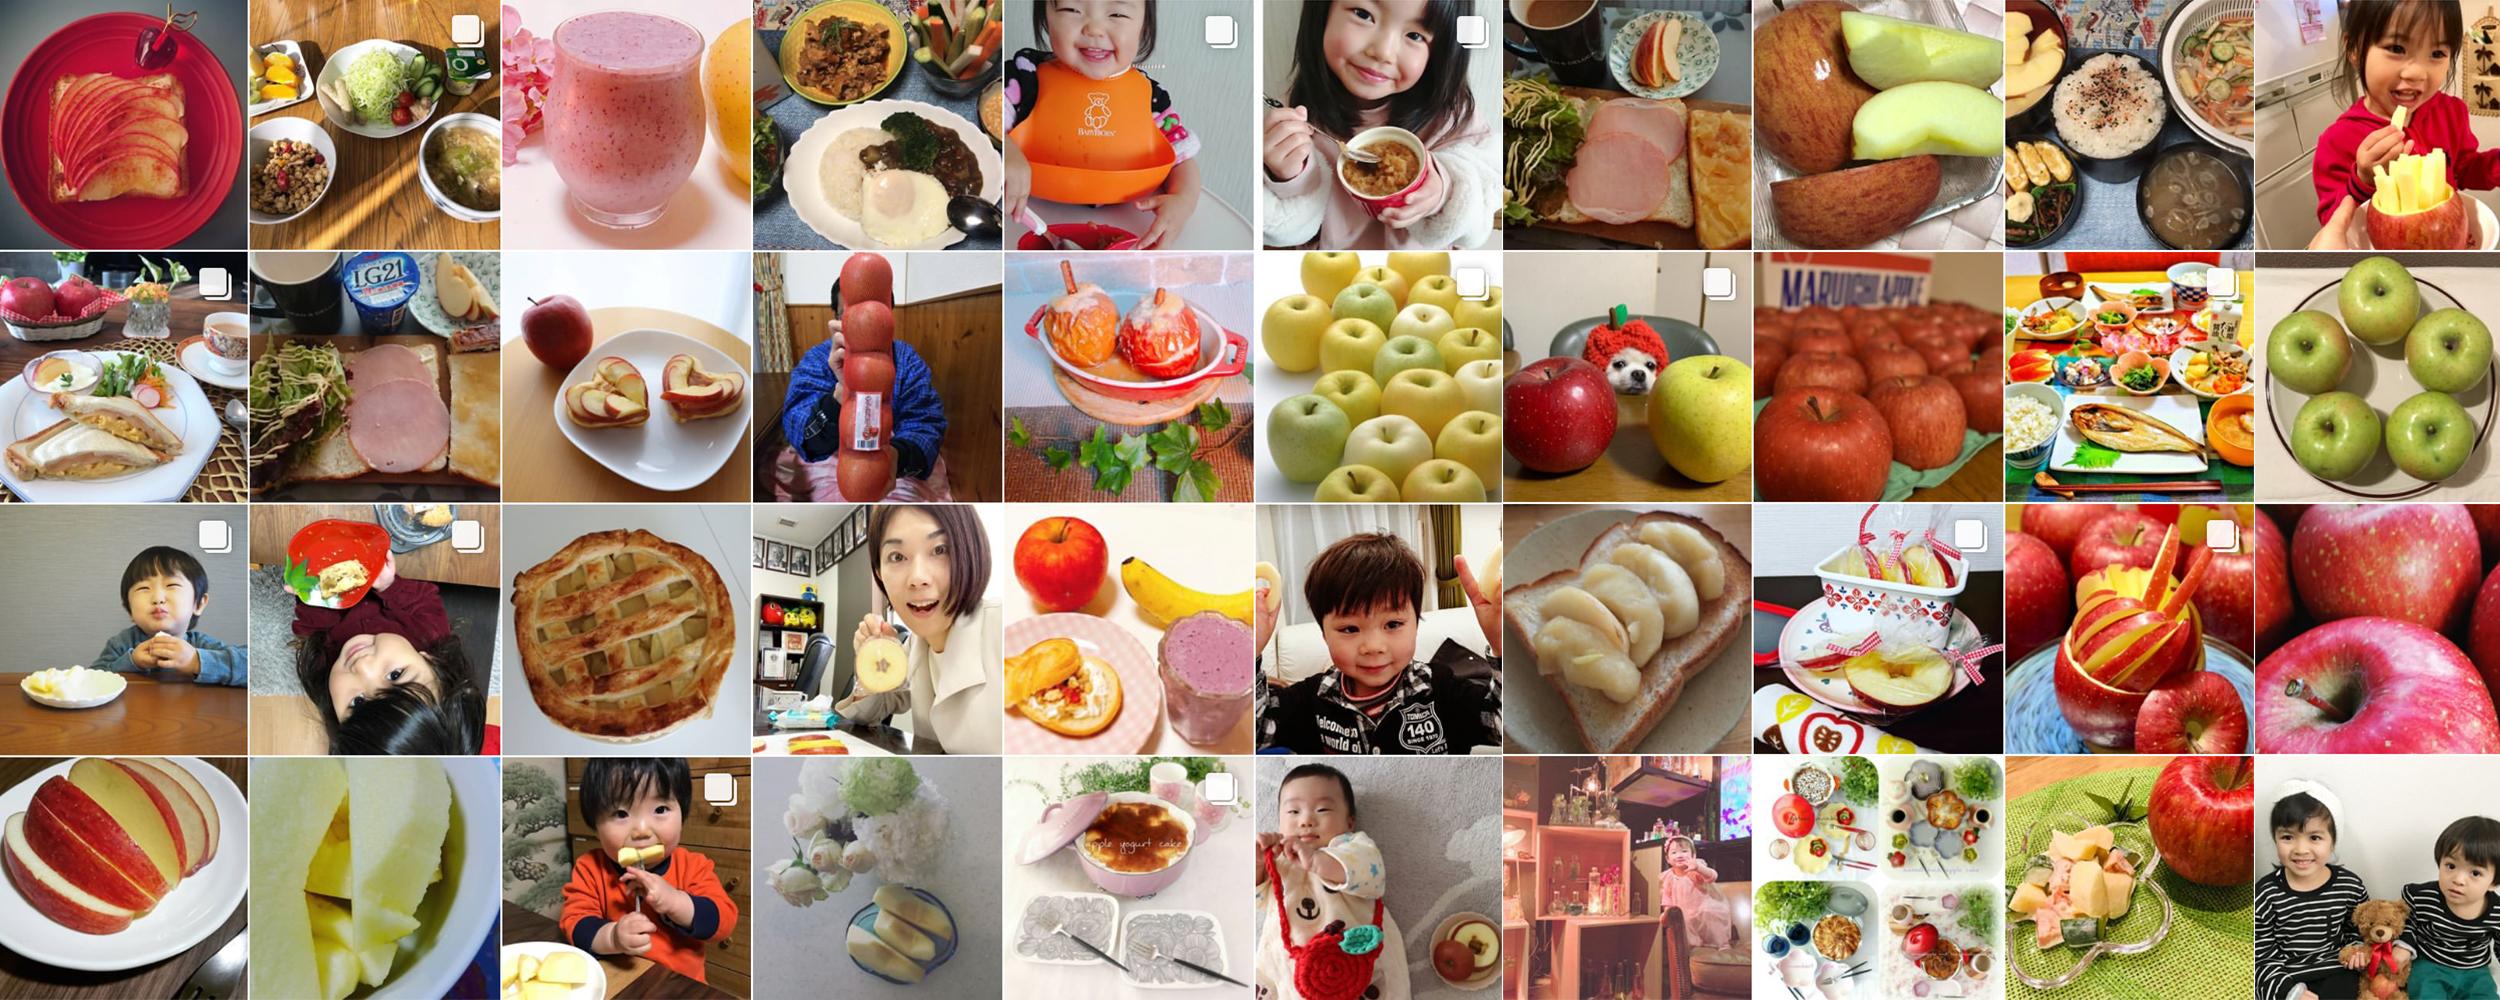 私の美活は食べるだけ青森りんごキャンペーン3月 投稿写真